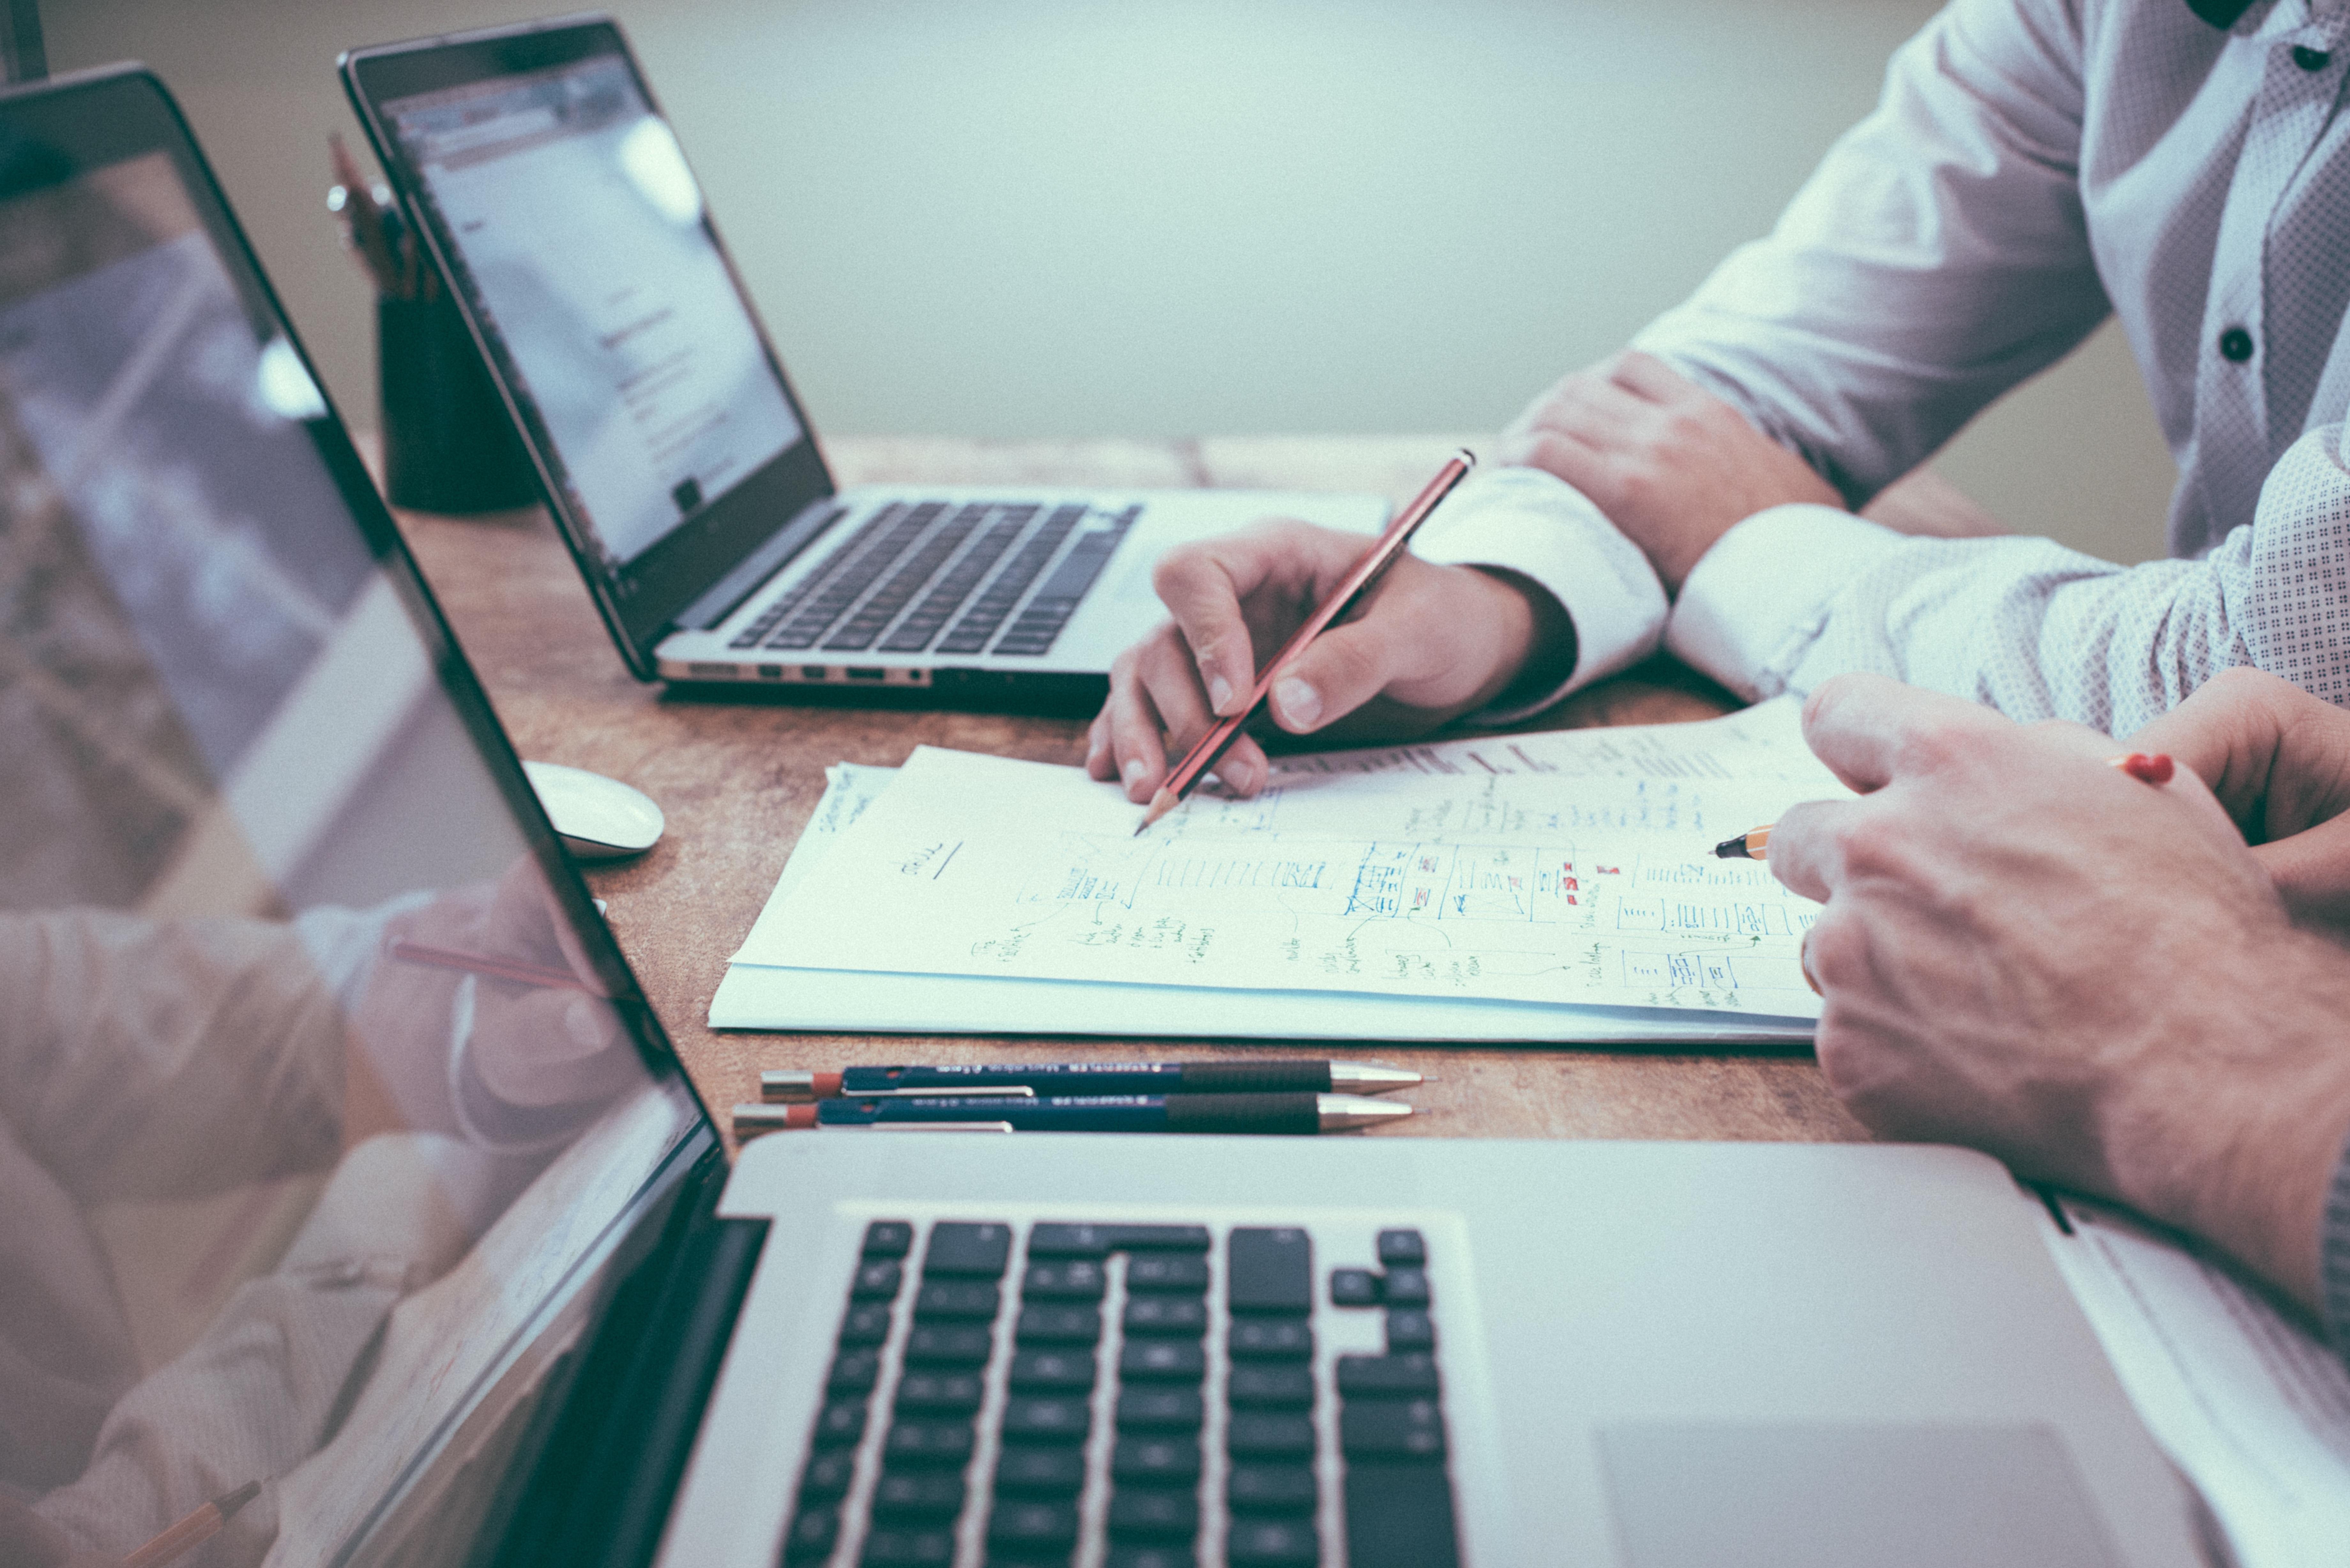 Gestión de empresas: 5 claves para detectar problemas